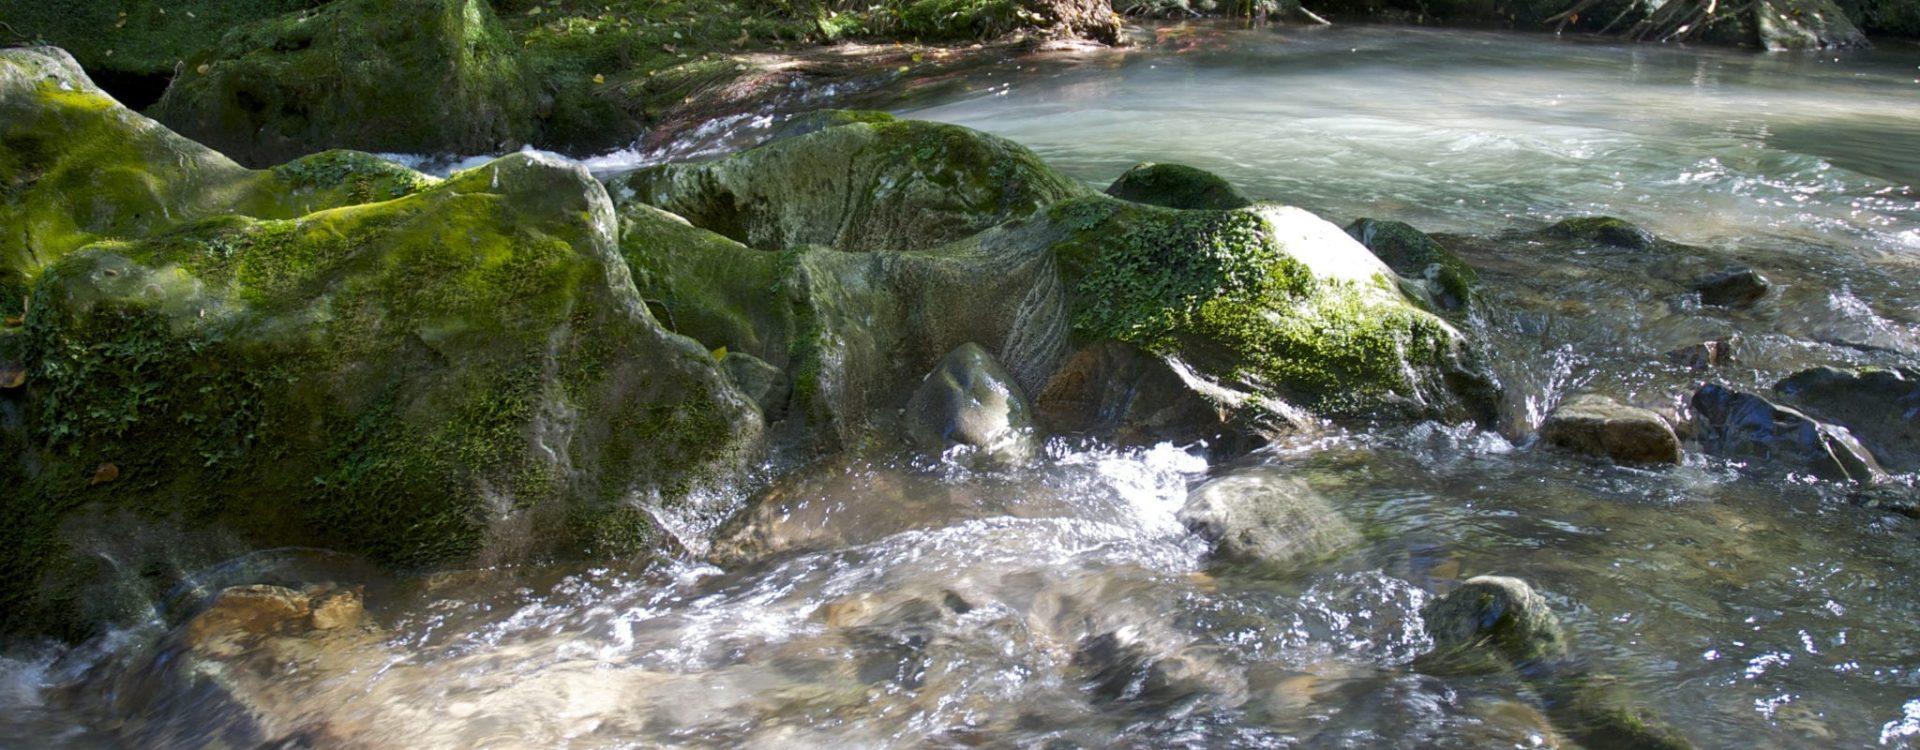 dettagli-fiume-1